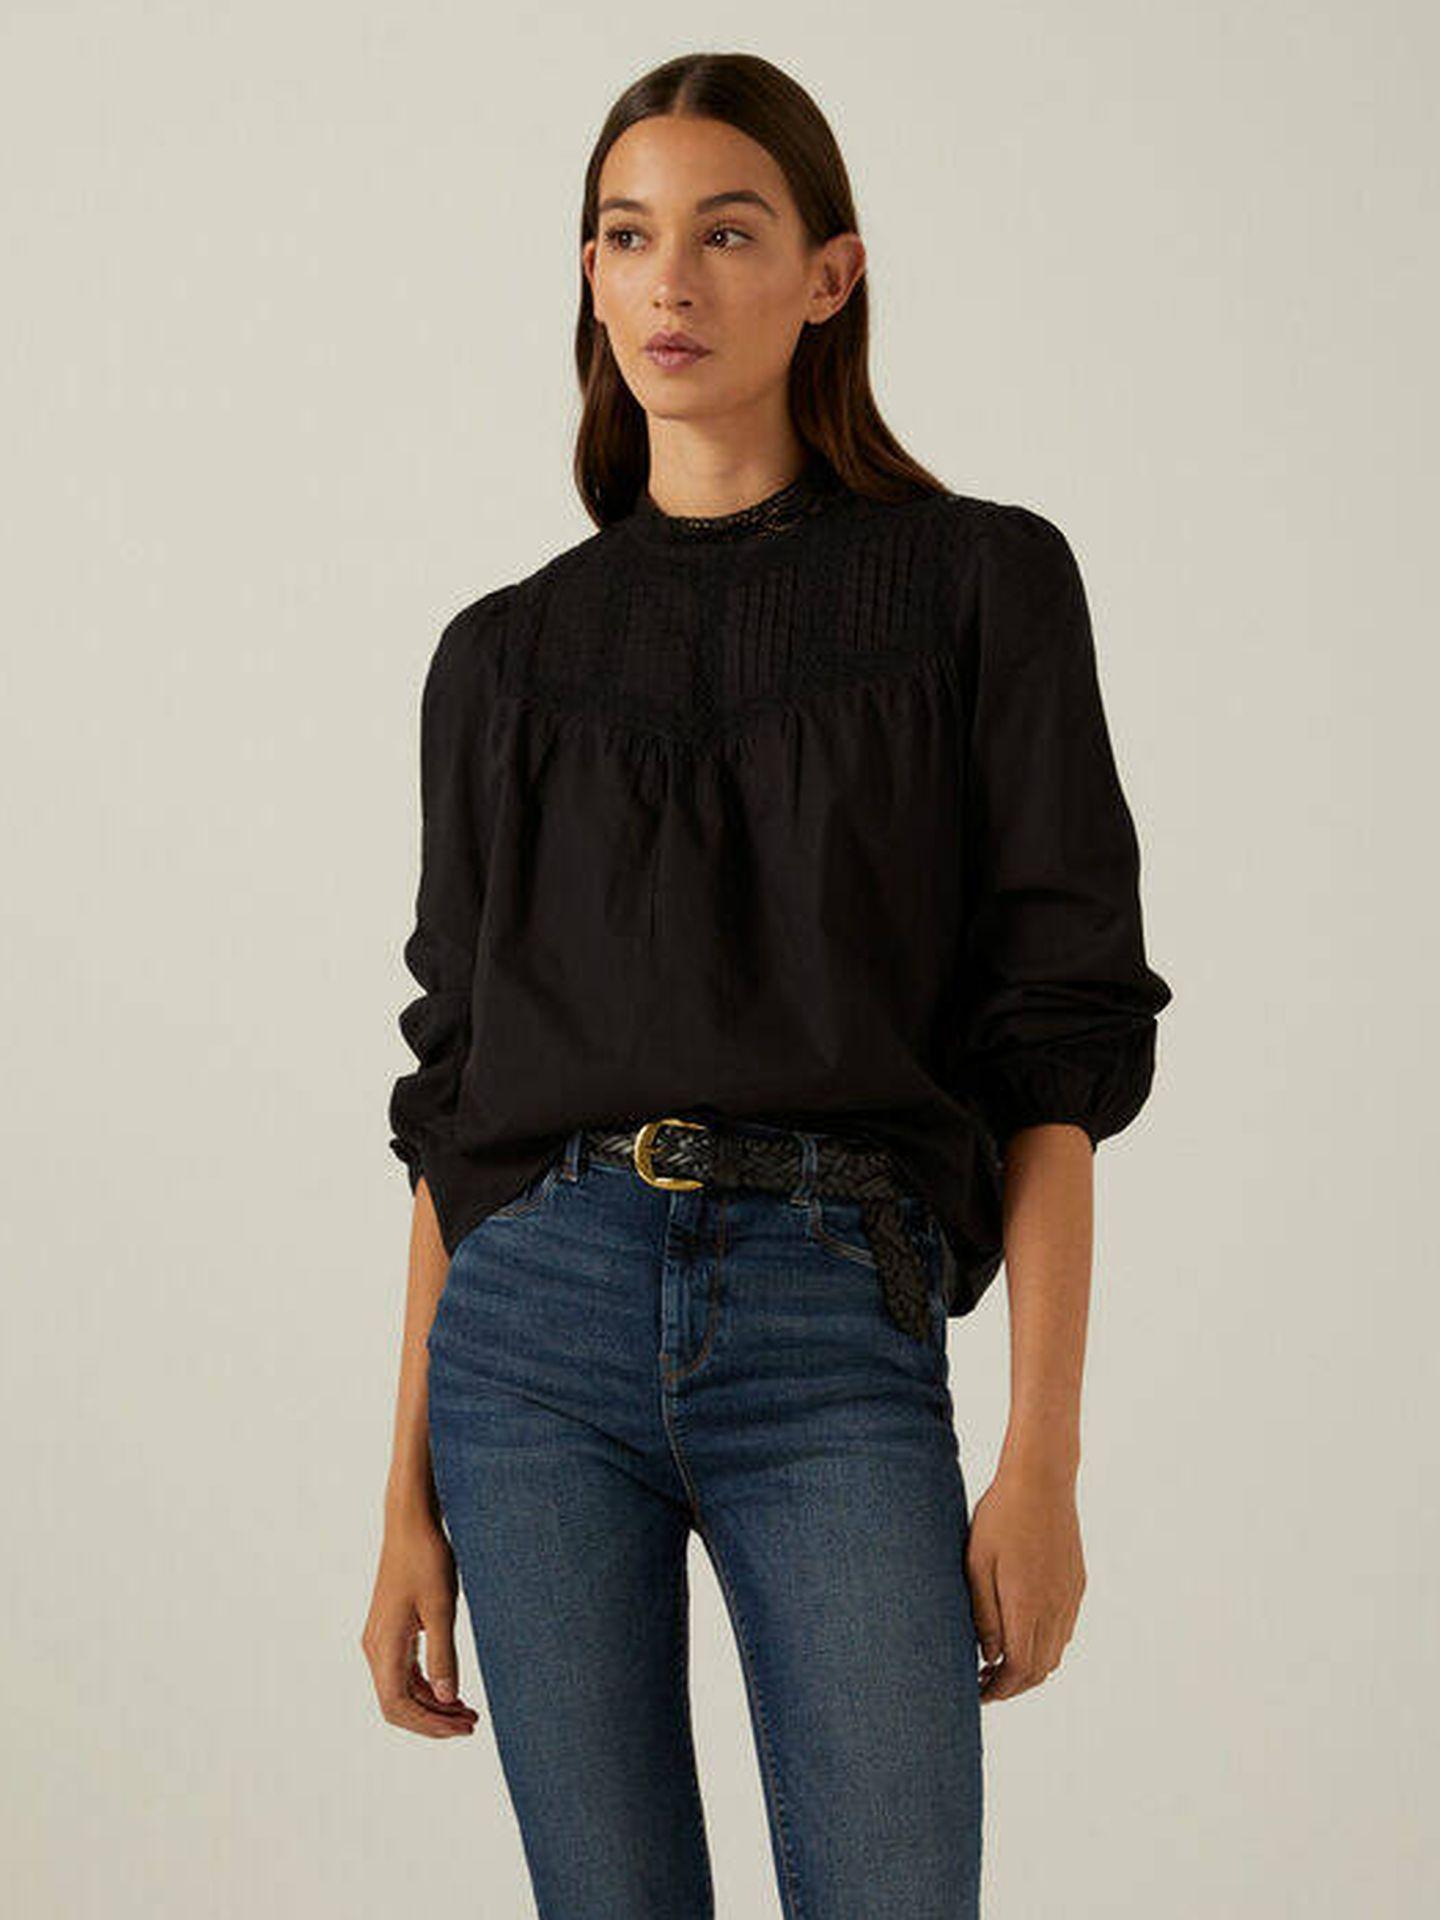 Blusa negra de Springfield. (Cortesía)